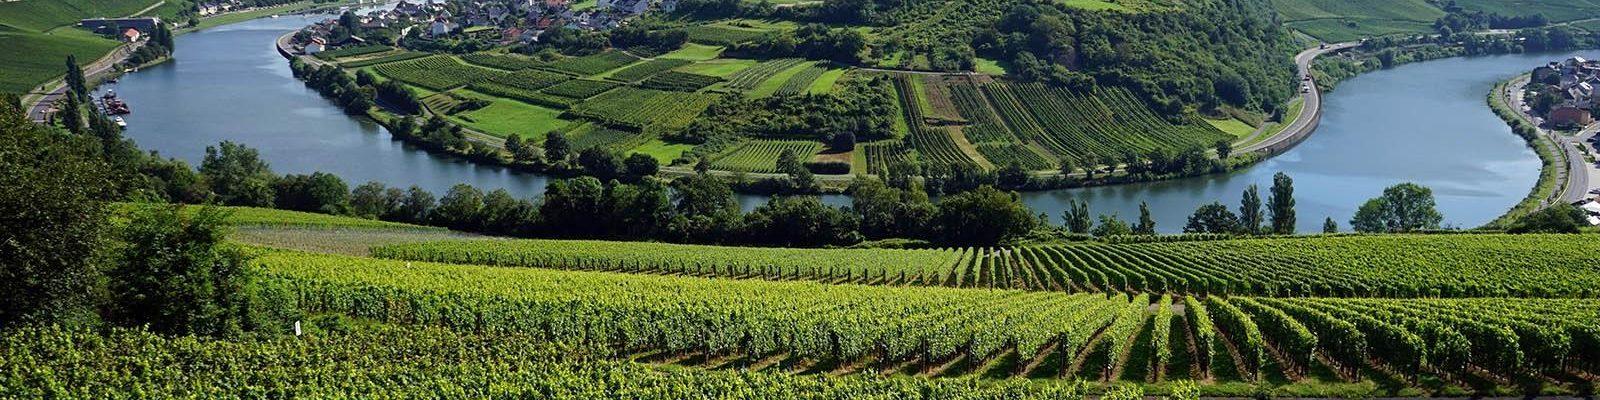 Luxemburgse wijngaarden langs de Moezel